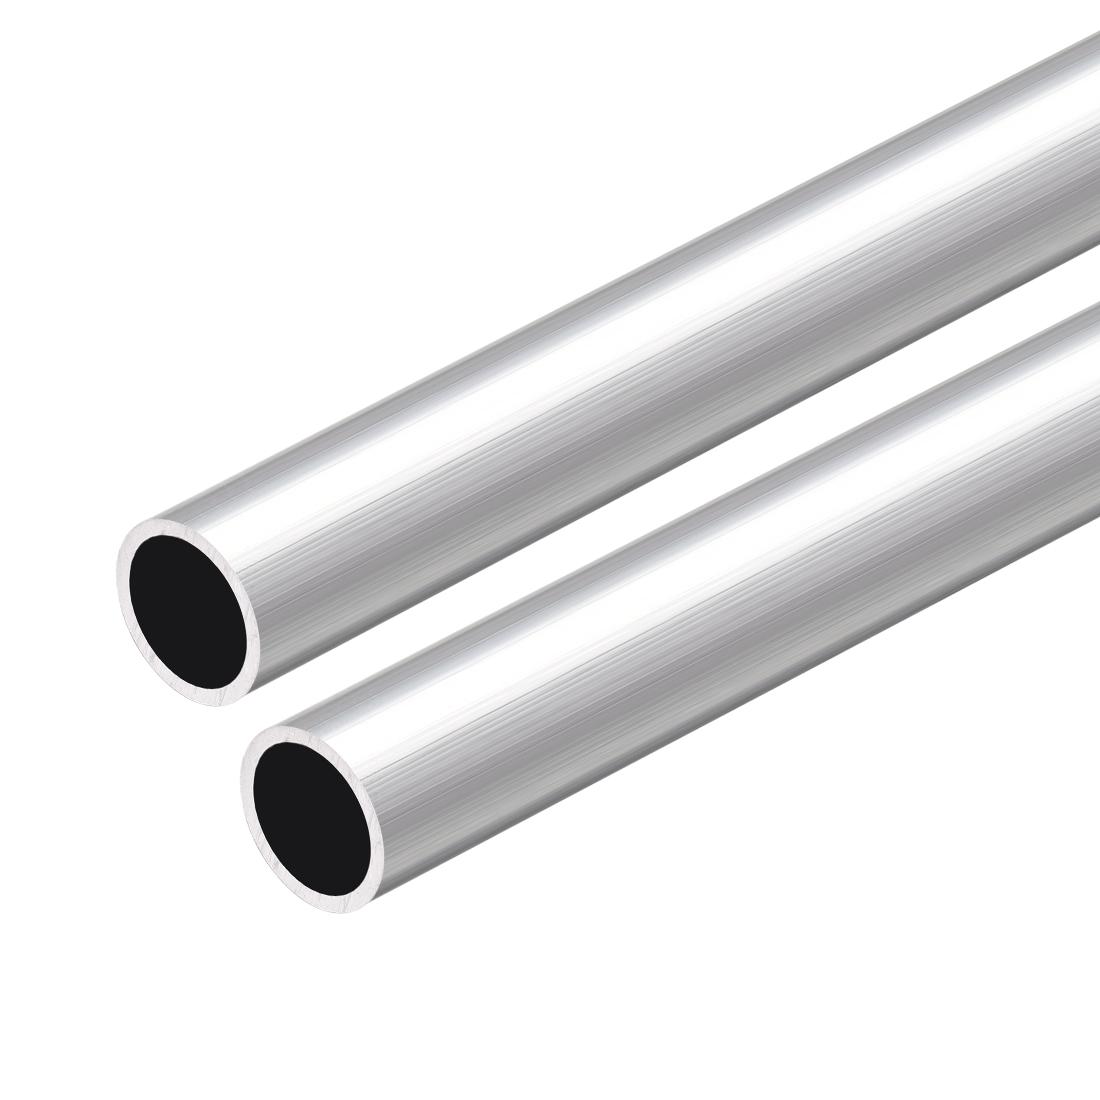 6063 Aluminum Round Tube 300mm Length 12mm OD 10mm Inner Dia Seamless Tube 2 Pcs